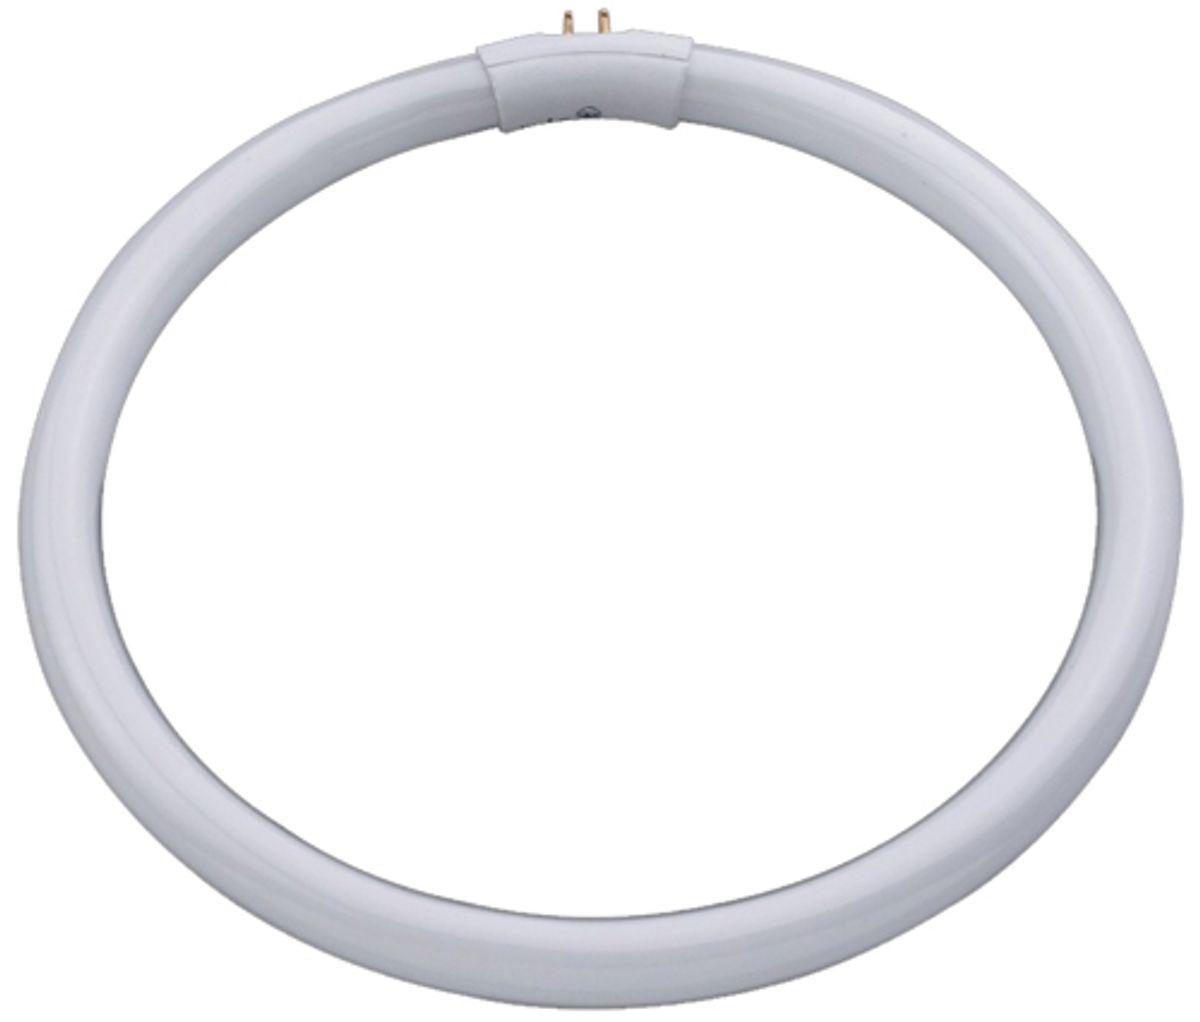 Tube circulaire lumière du jour - 22 watts